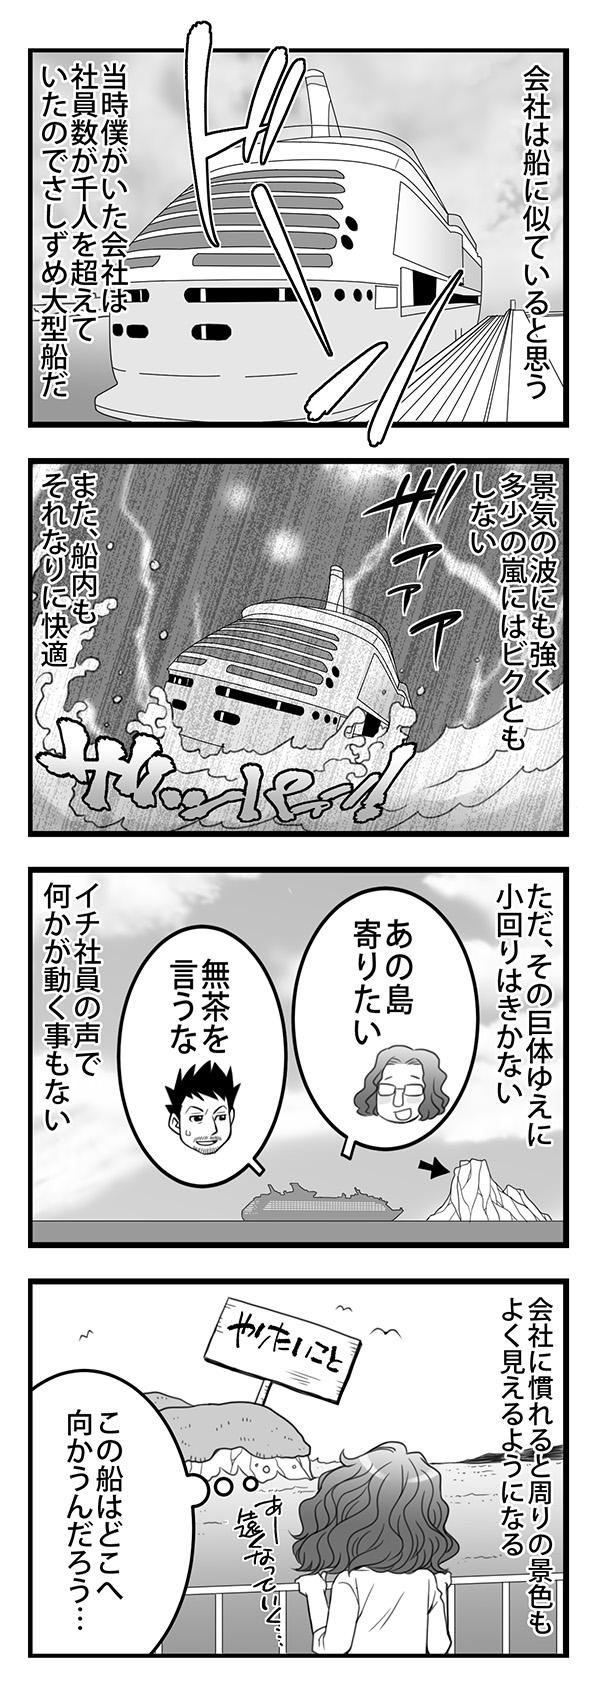 【漫画 頑張れデザイナー】第20話